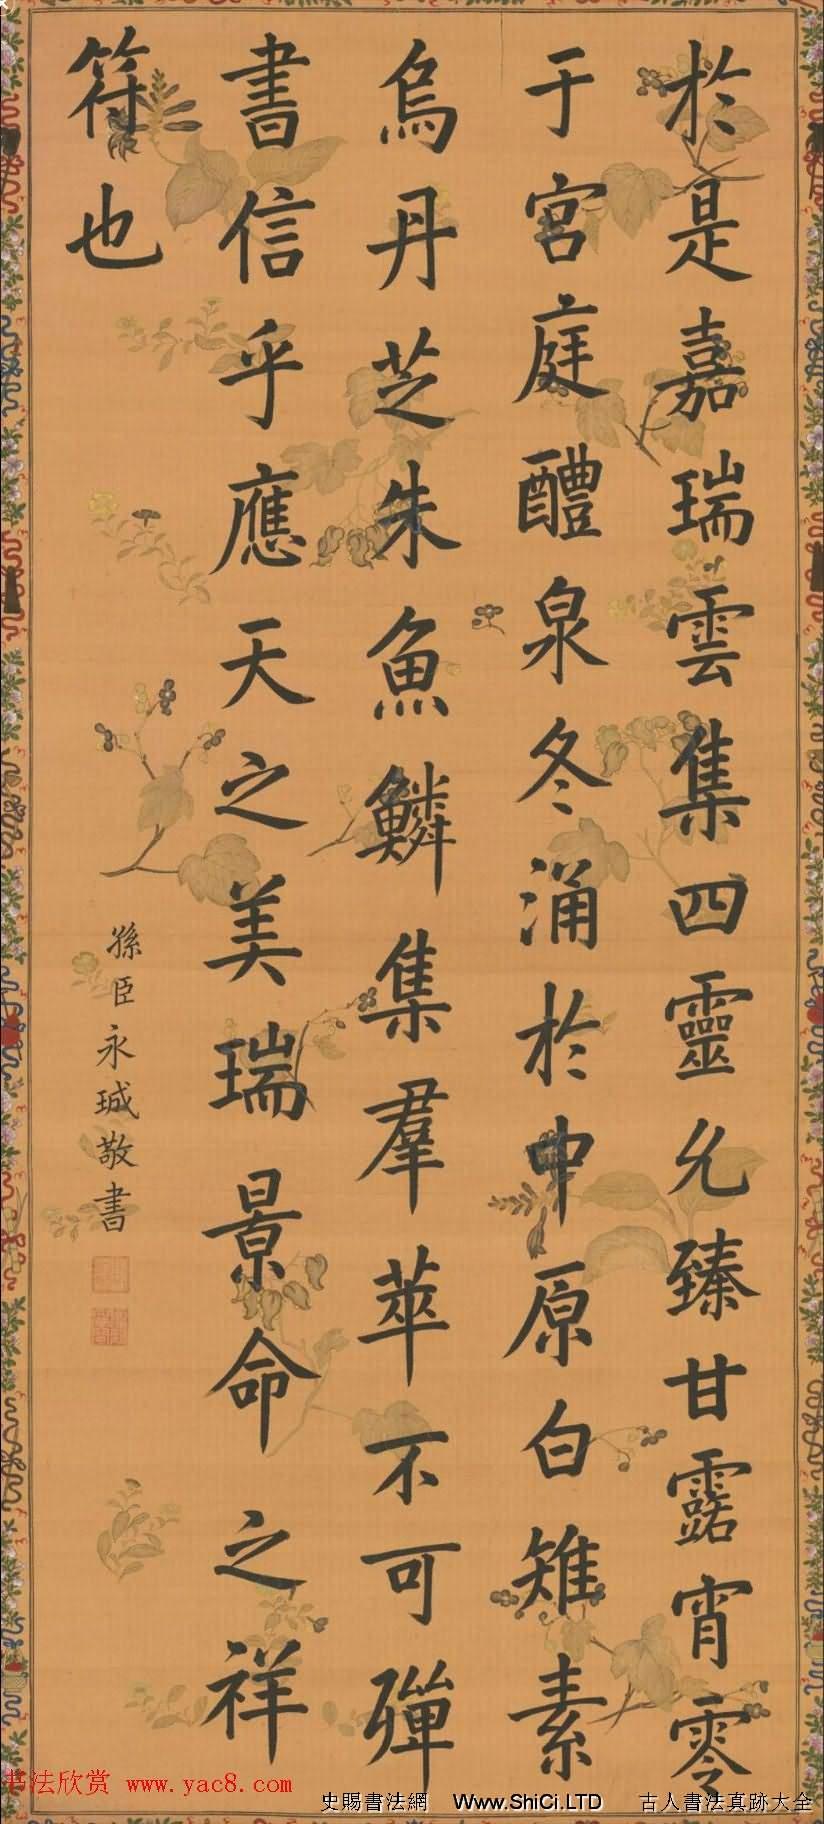 清朝3位皇子:永珹、永琪、永琪書法墨跡(共3張圖片)